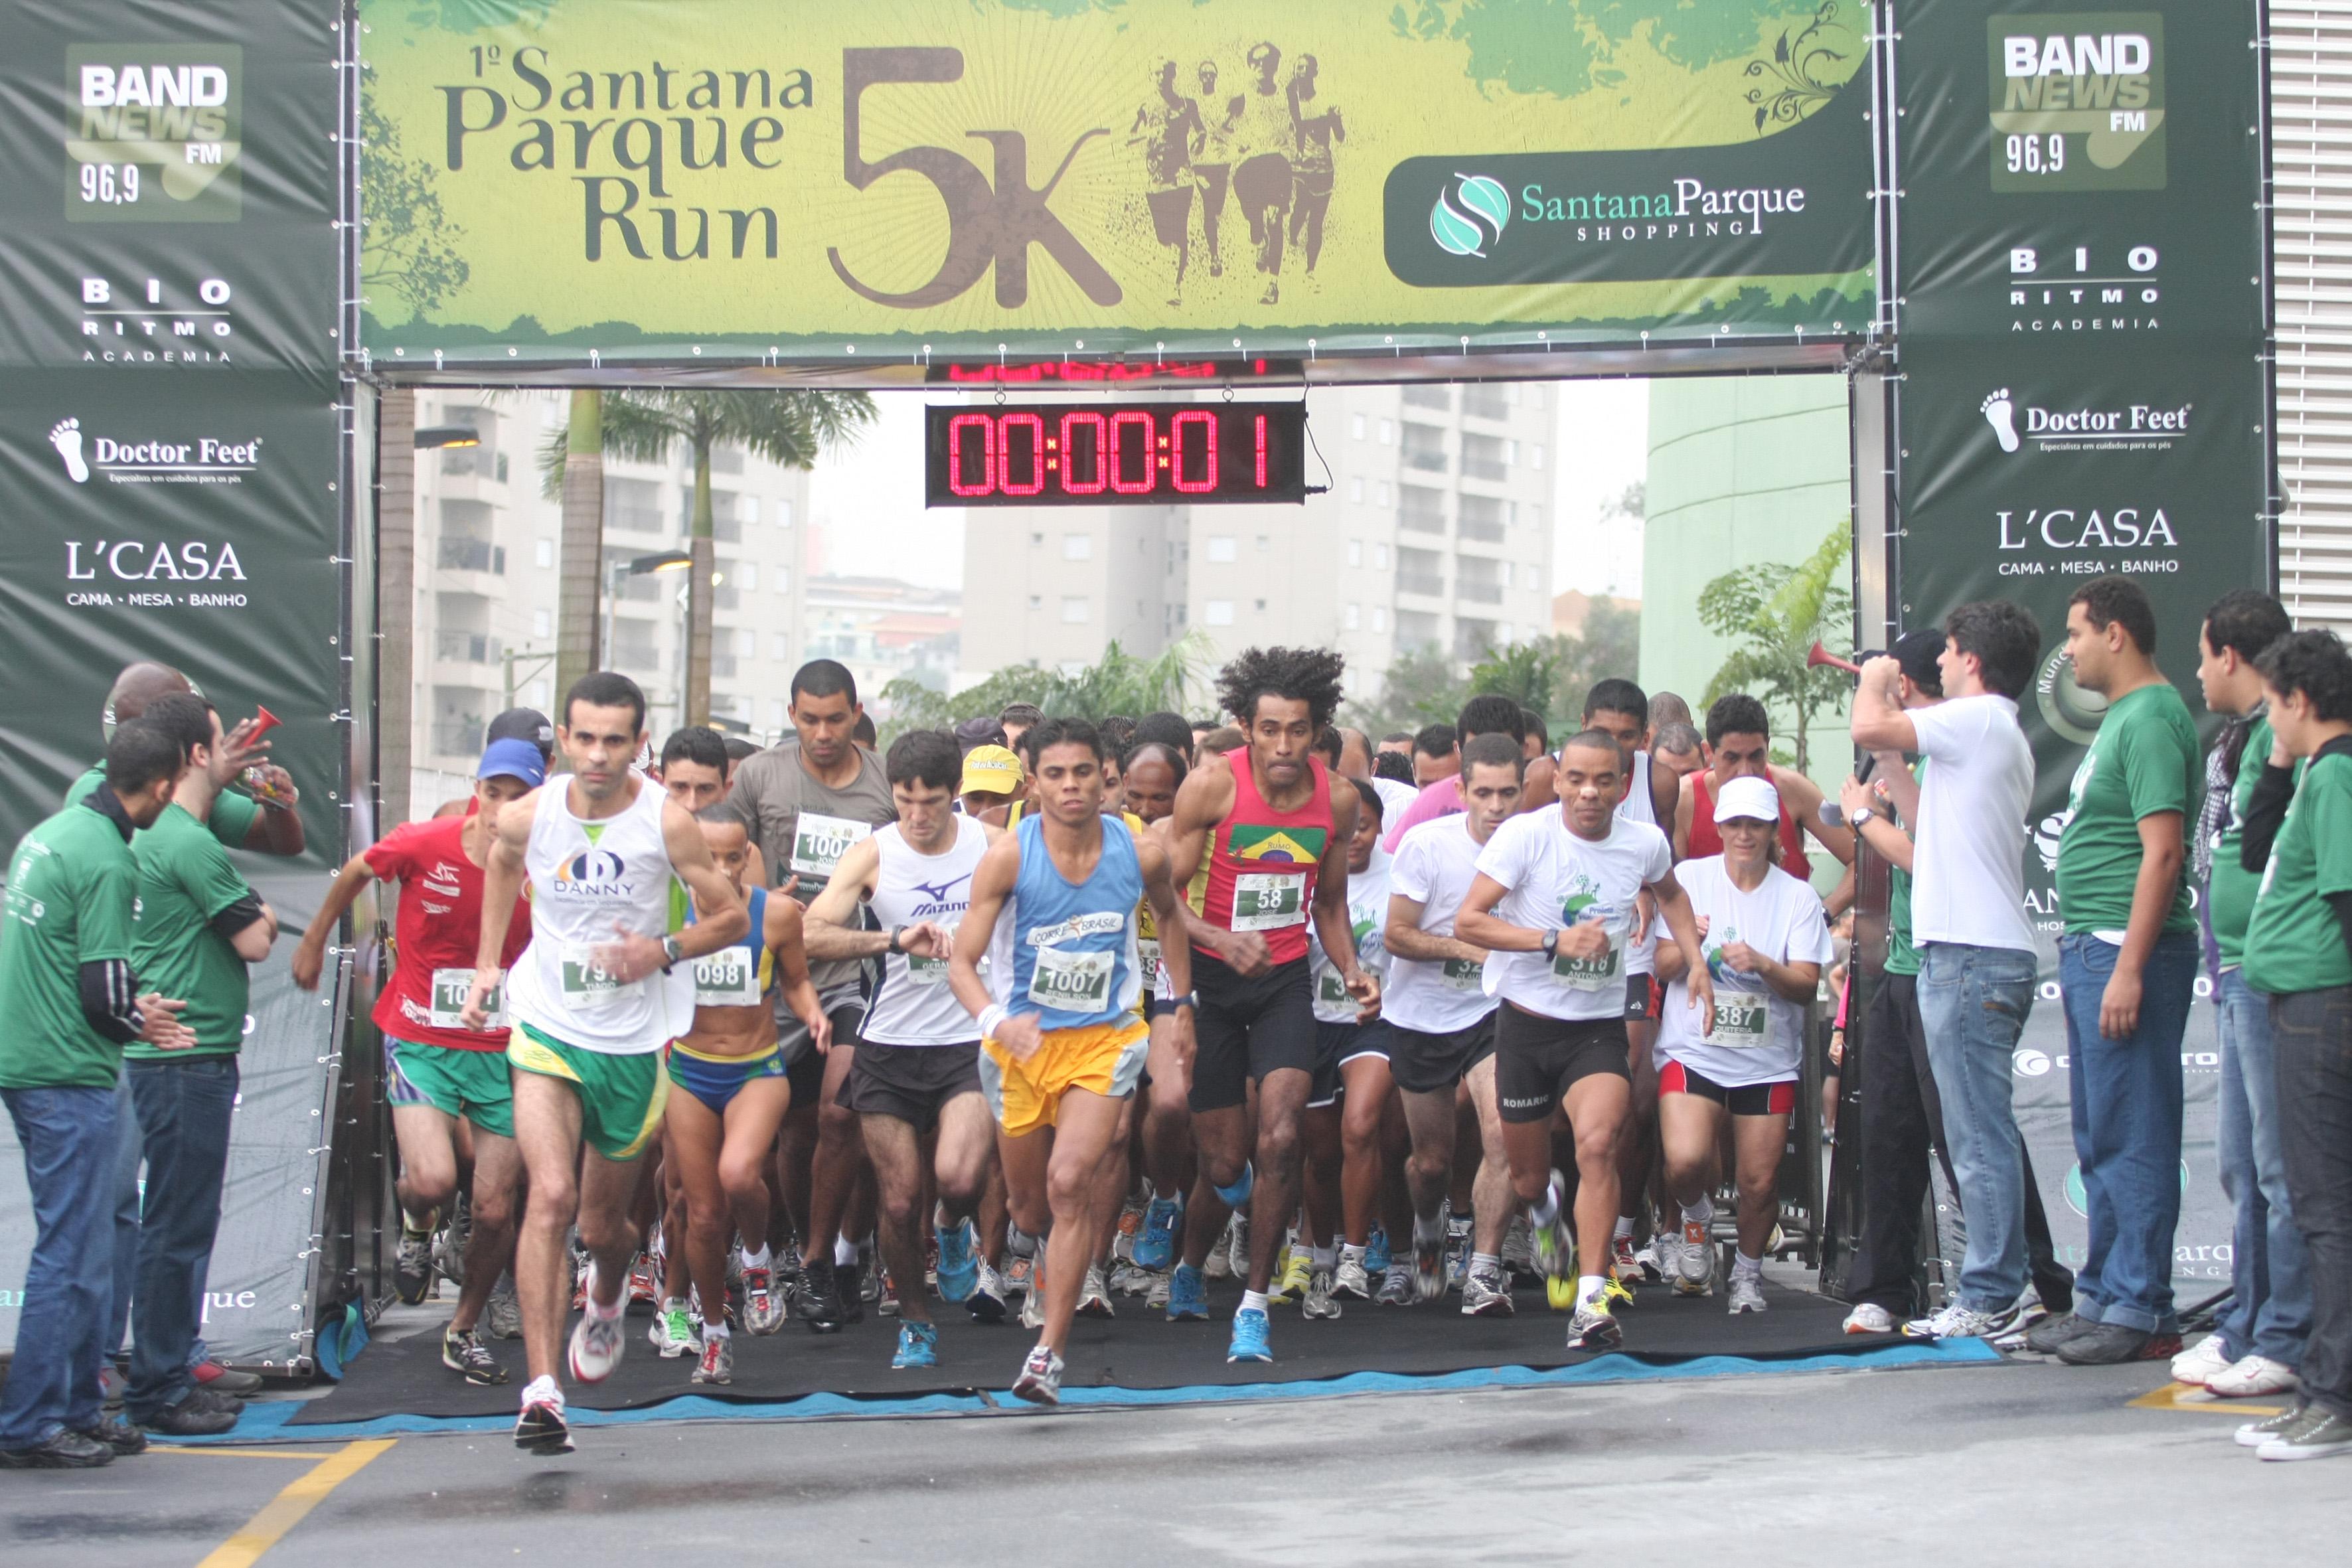 Santana 215 Parque Run